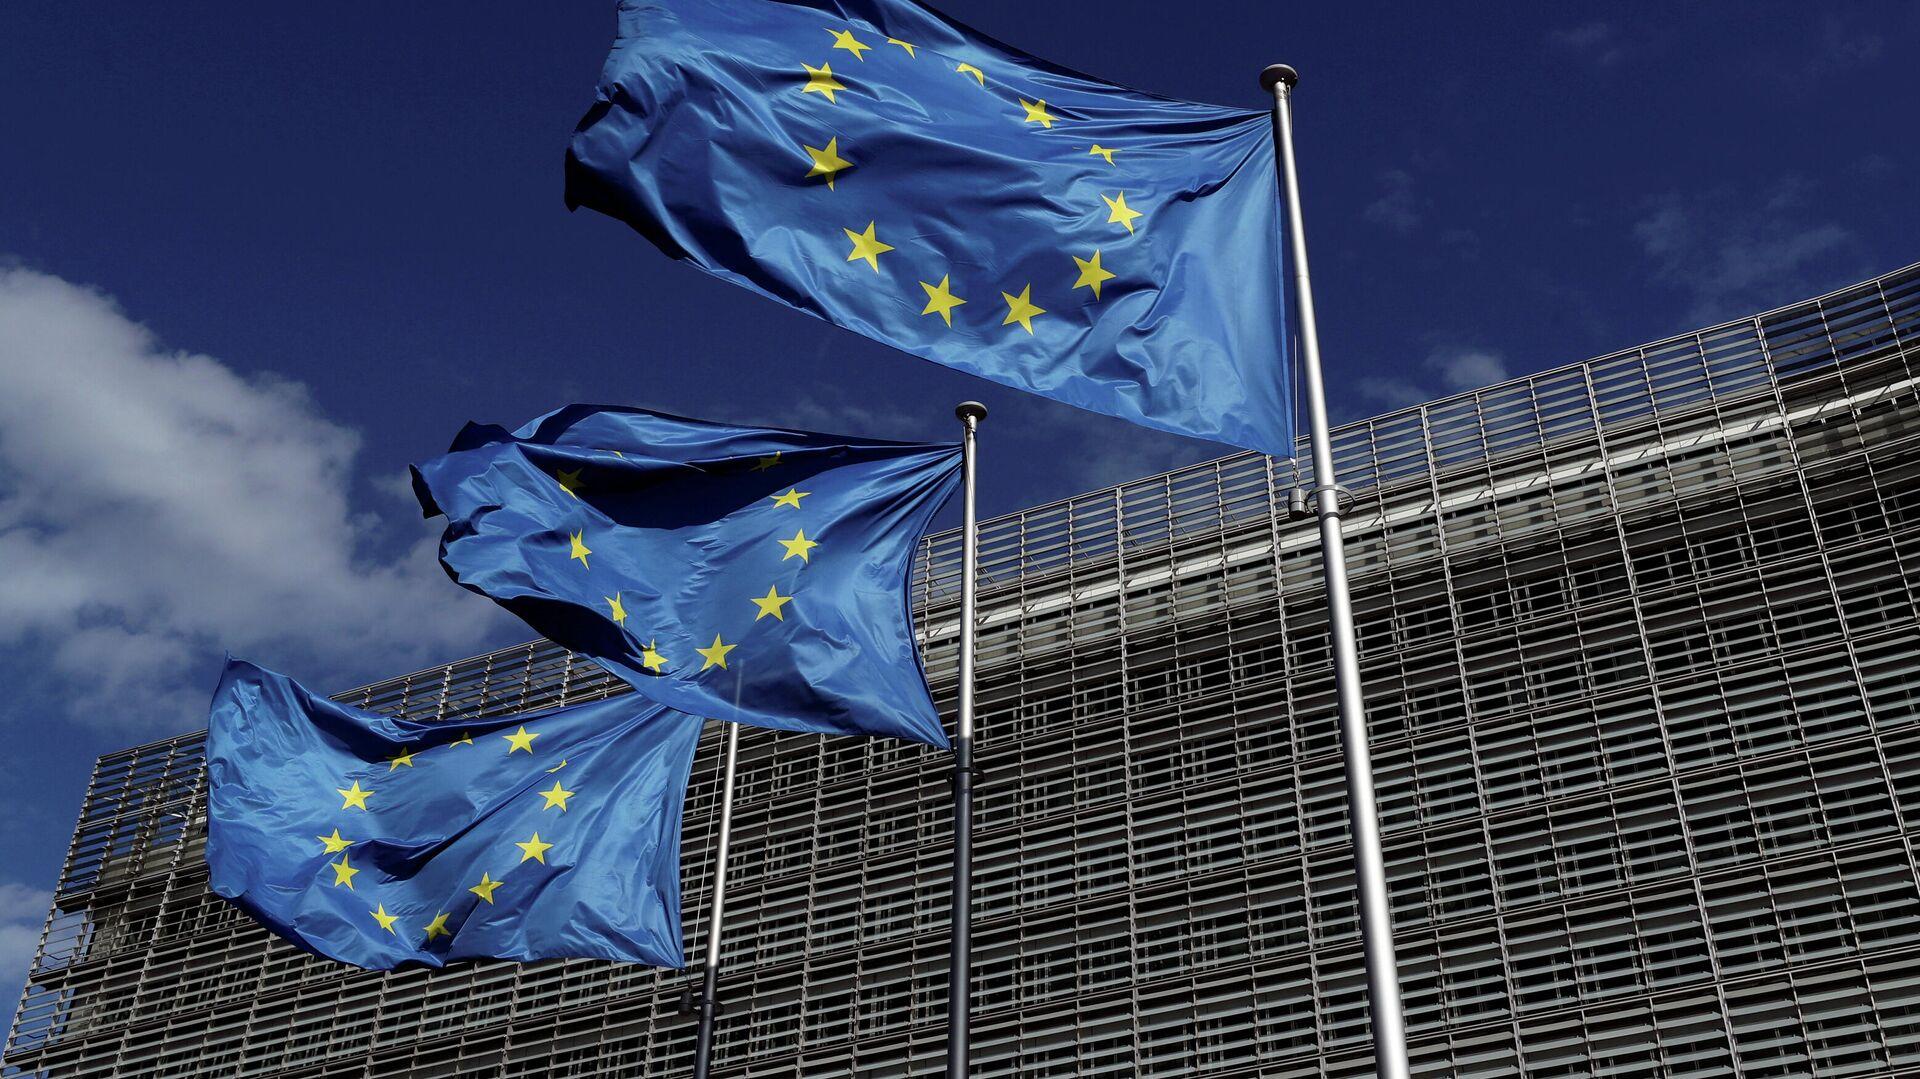 Флаги Европейского Союза у штаб-квартиры Европейской комиссии в Брюсселе - РИА Новости, 1920, 14.10.2020